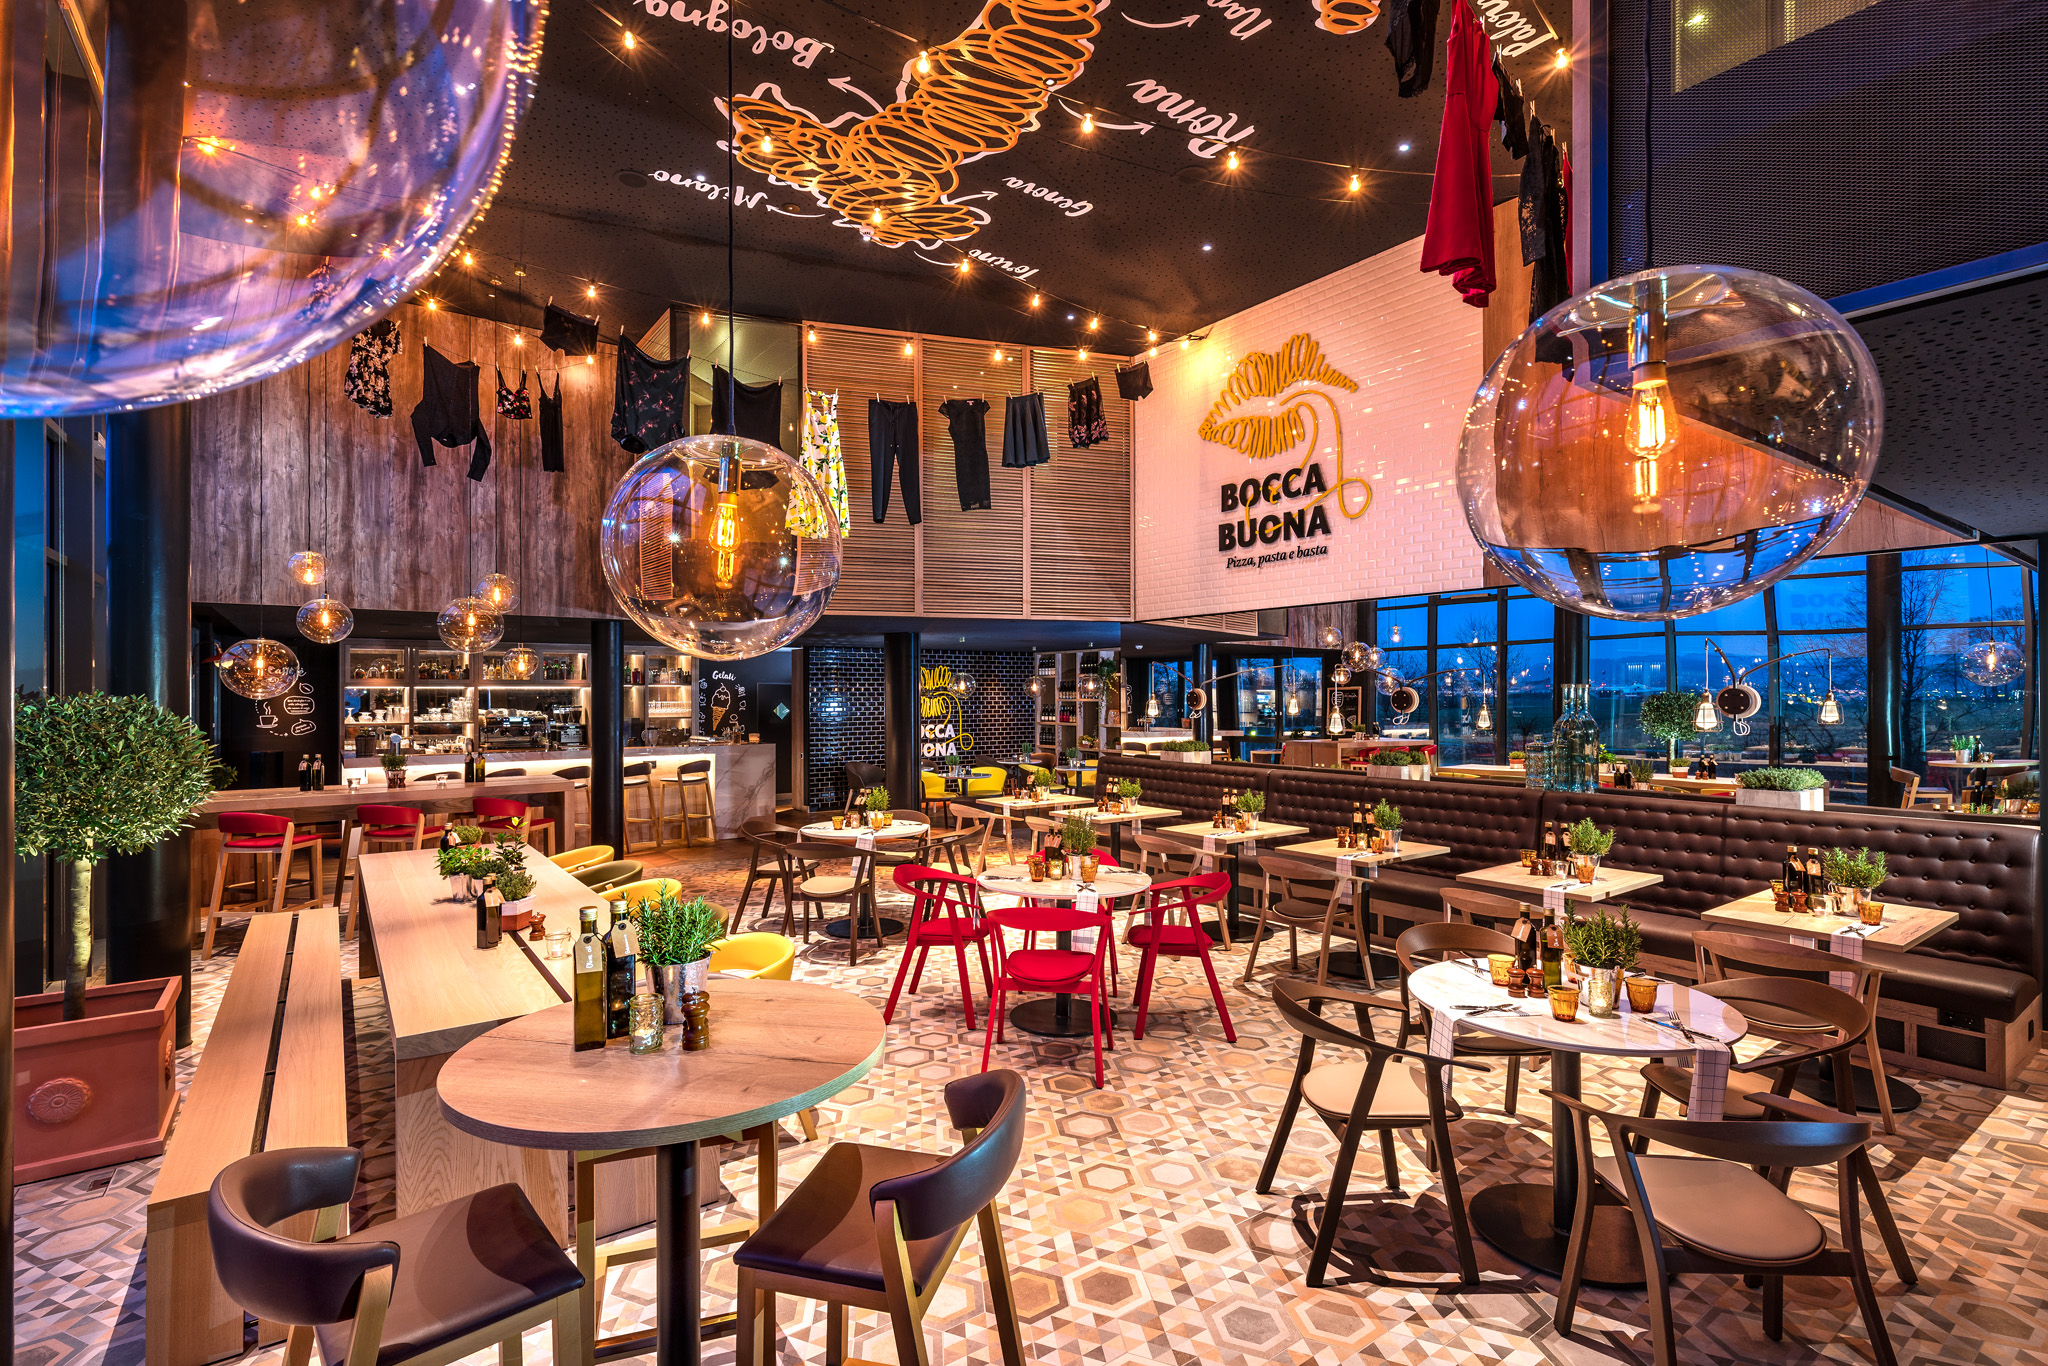 Restaurants & Hotels-Bocca Buona Zurich-3